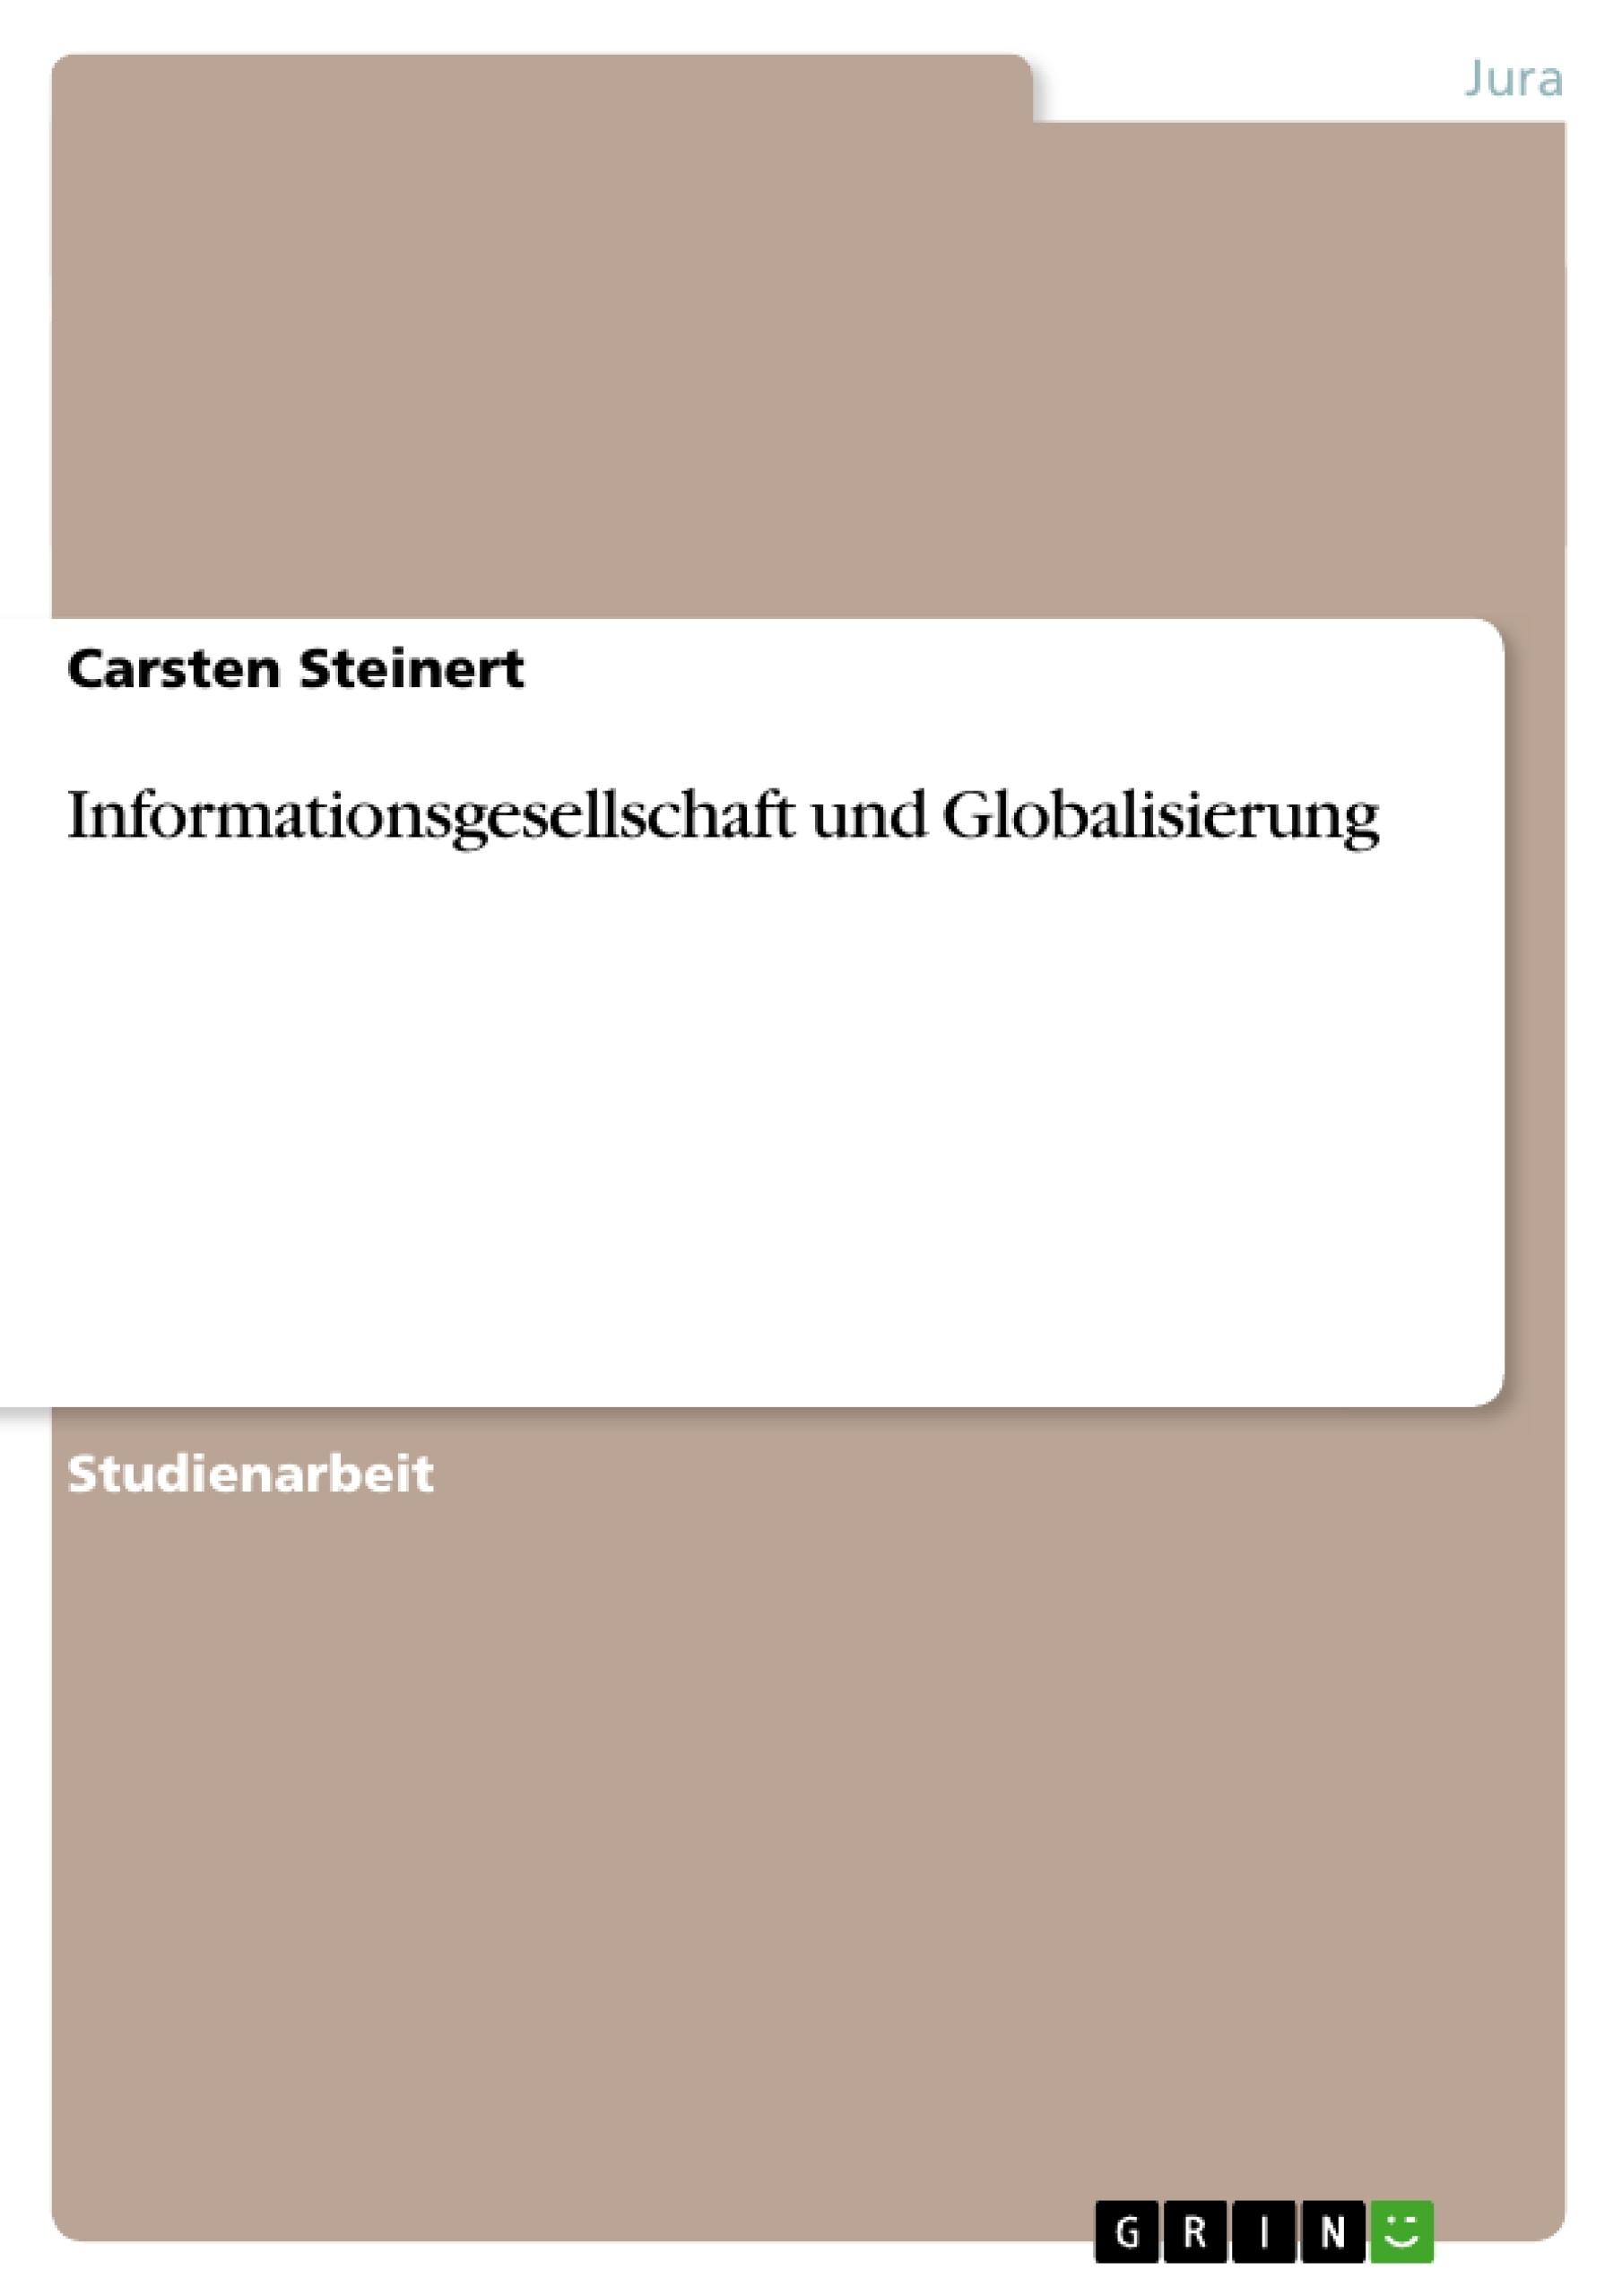 Titel: Informationsgesellschaft und Globalisierung